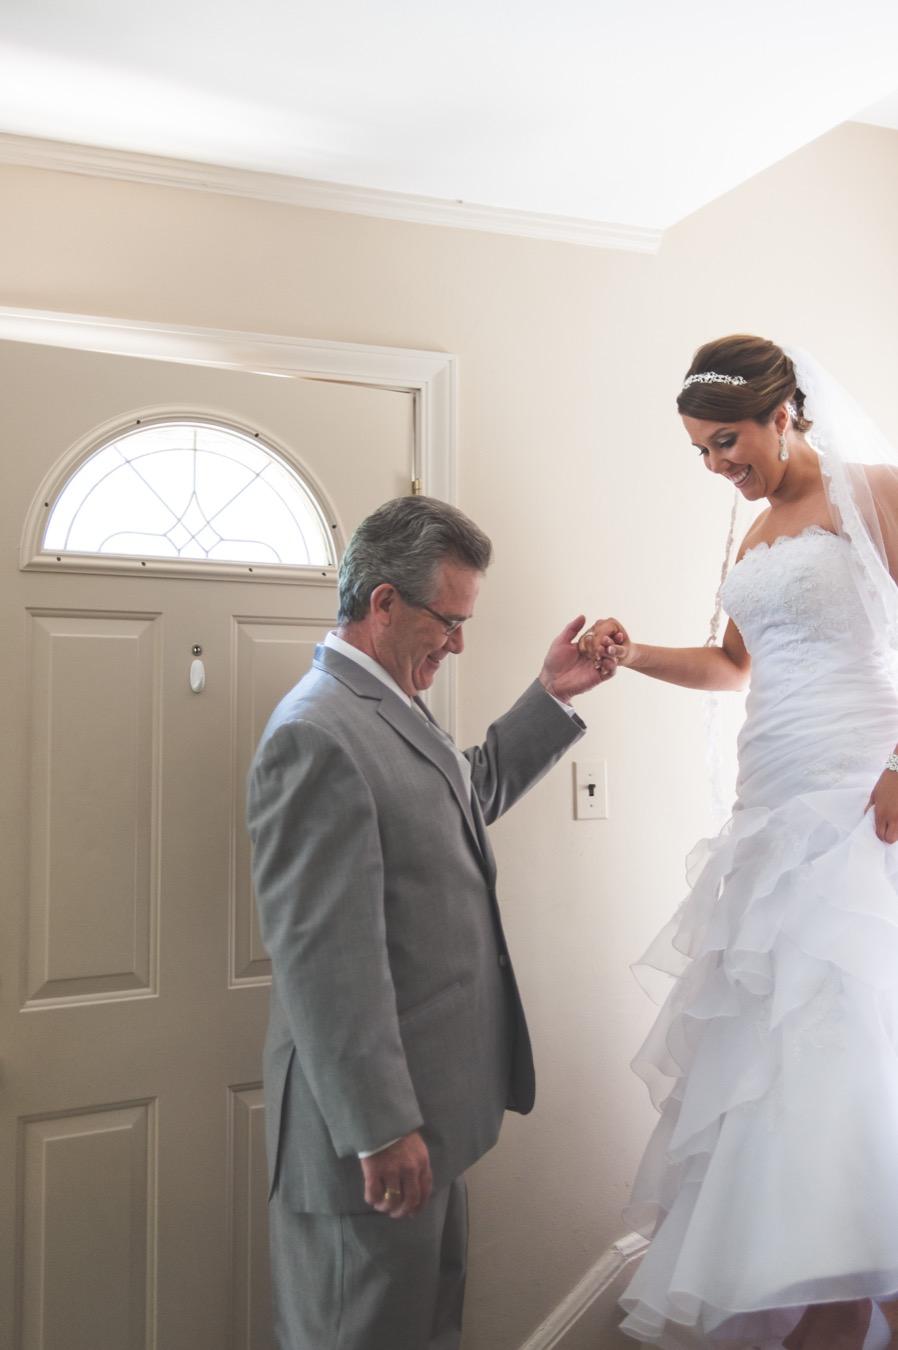 20140524114809Chicago_wedding_St_Christina_Church_Ruffled_feathers_golf_club.jpg